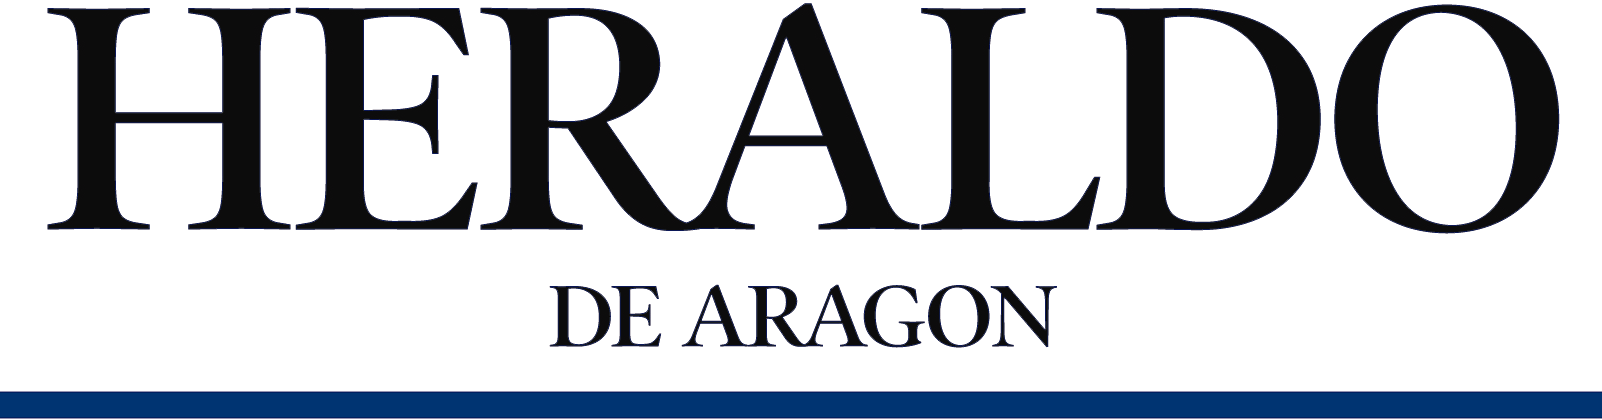 Resultado de imagen de heraldo de aragon logo